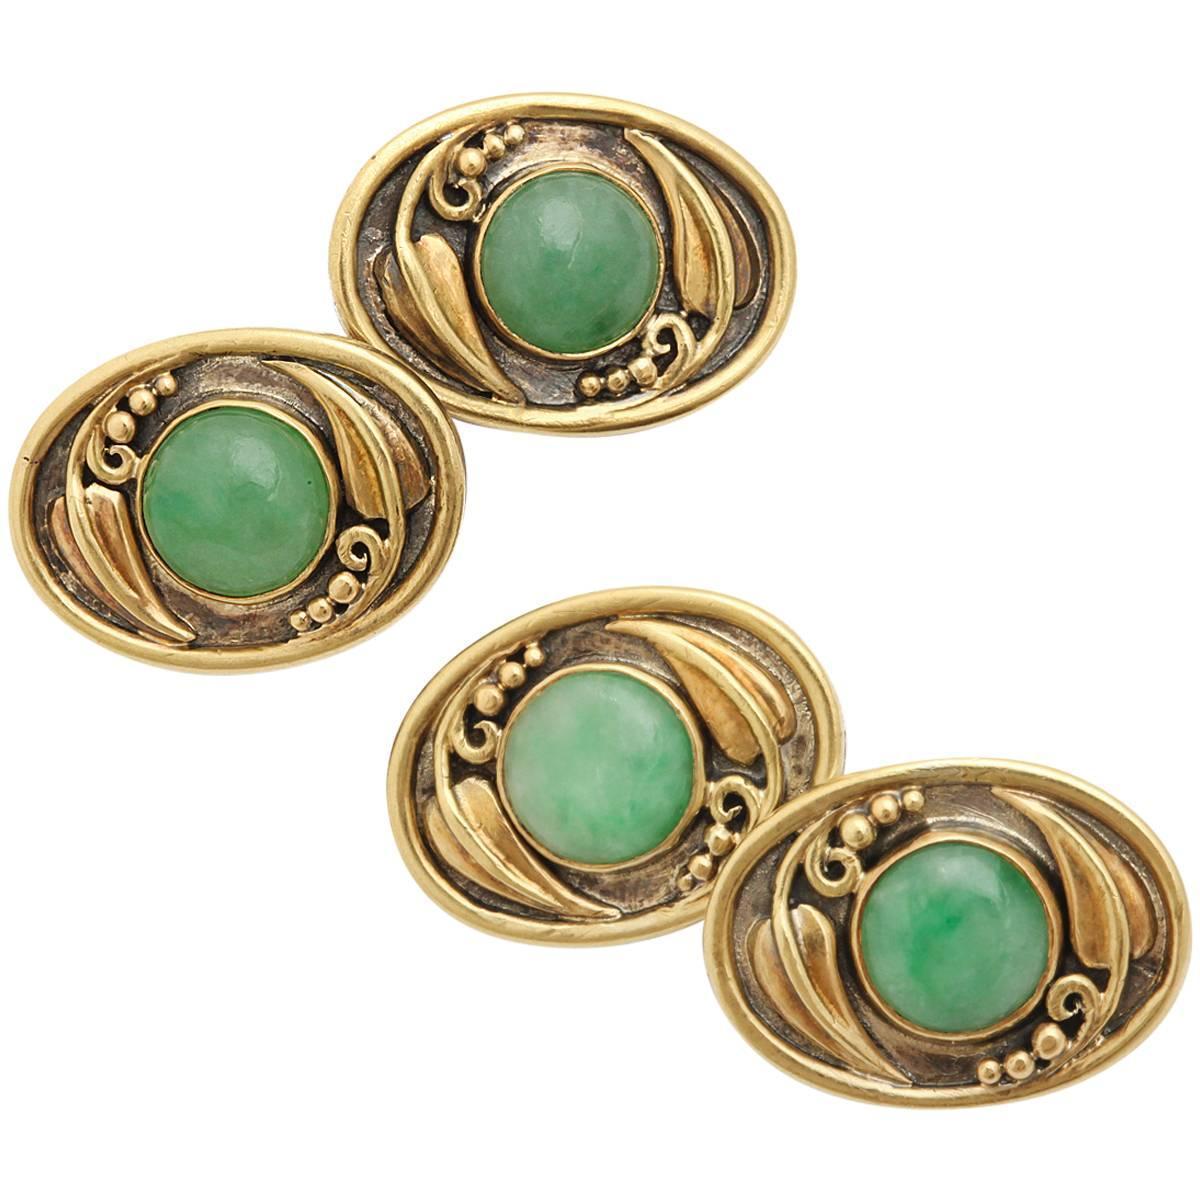 Antique Arts And Crafts Jadeite Cufflinks By F G Hale At